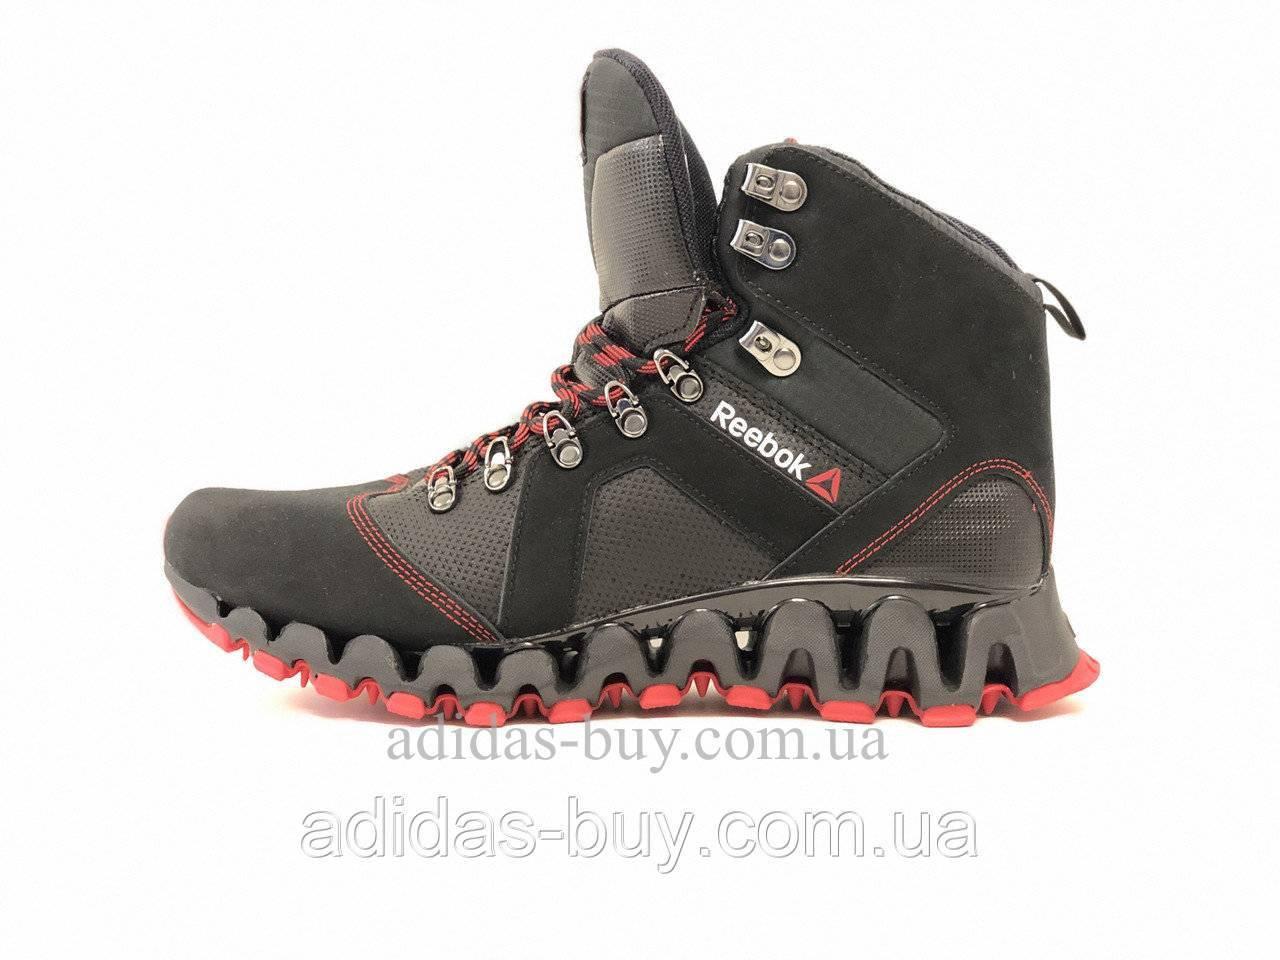 Ботинки мужские зимние оригинальные Reebok ZIGTRAIL MOBILIZE II MID V68804 цвет: черный